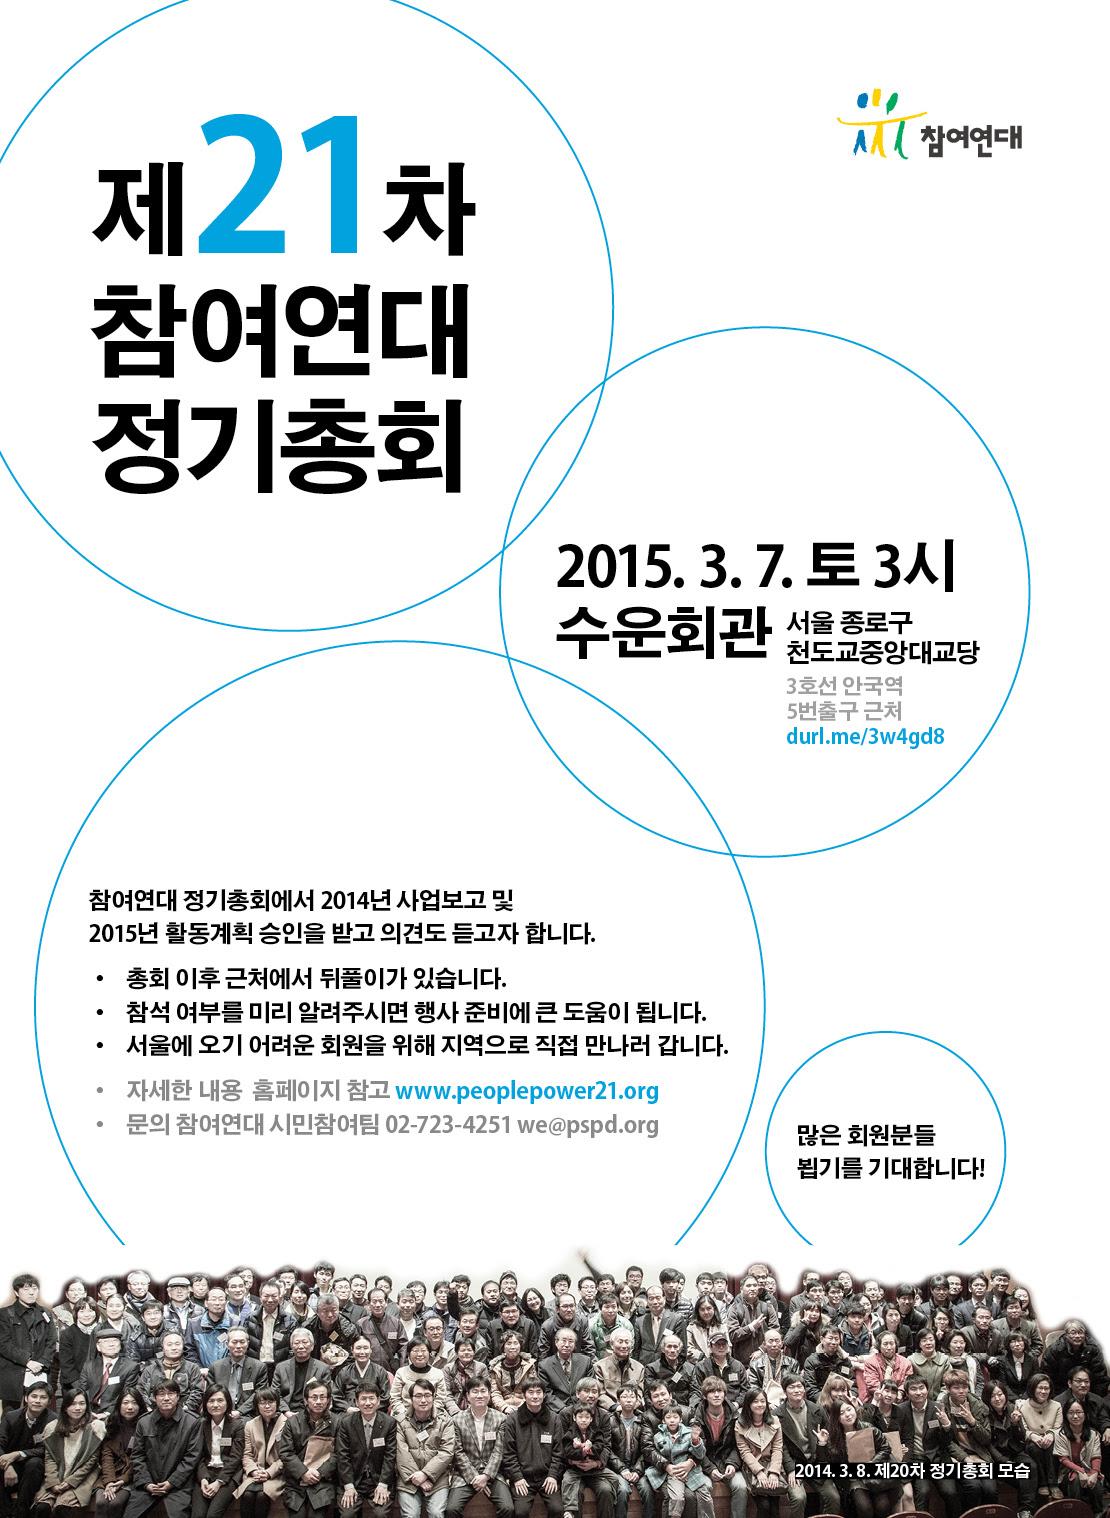 참여연대 제21차 정기총회 안내